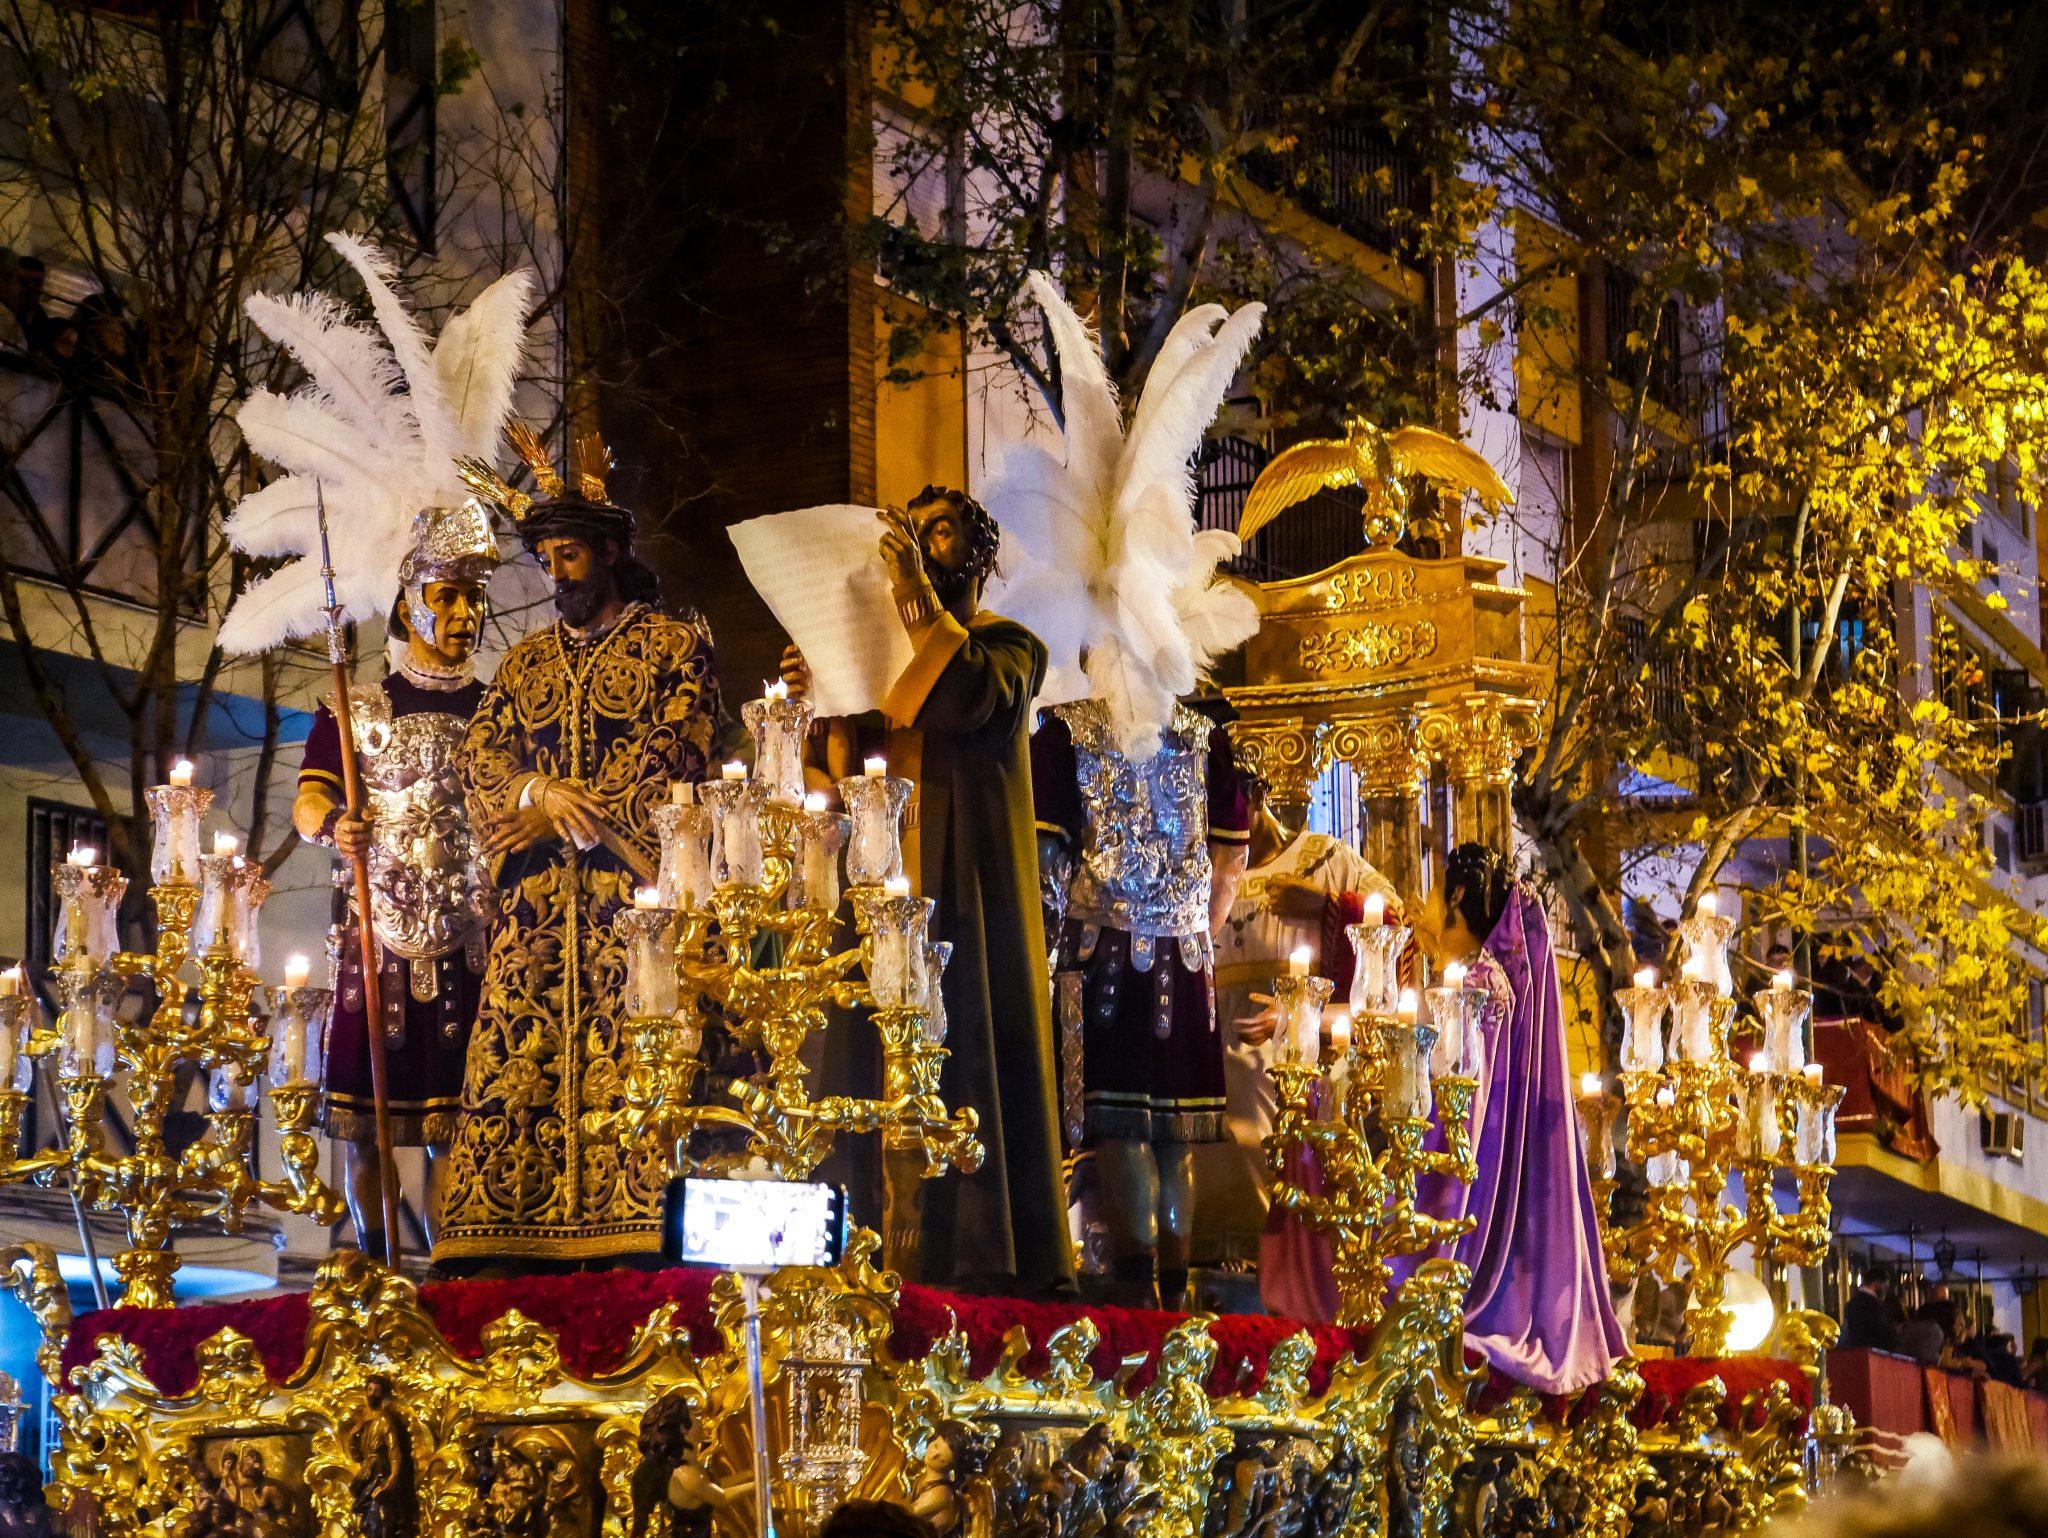 .... und hier noch einmal von vorne: Der Höhepunkt der Semana Santa in Sevilla: Madrugada, La Macarena